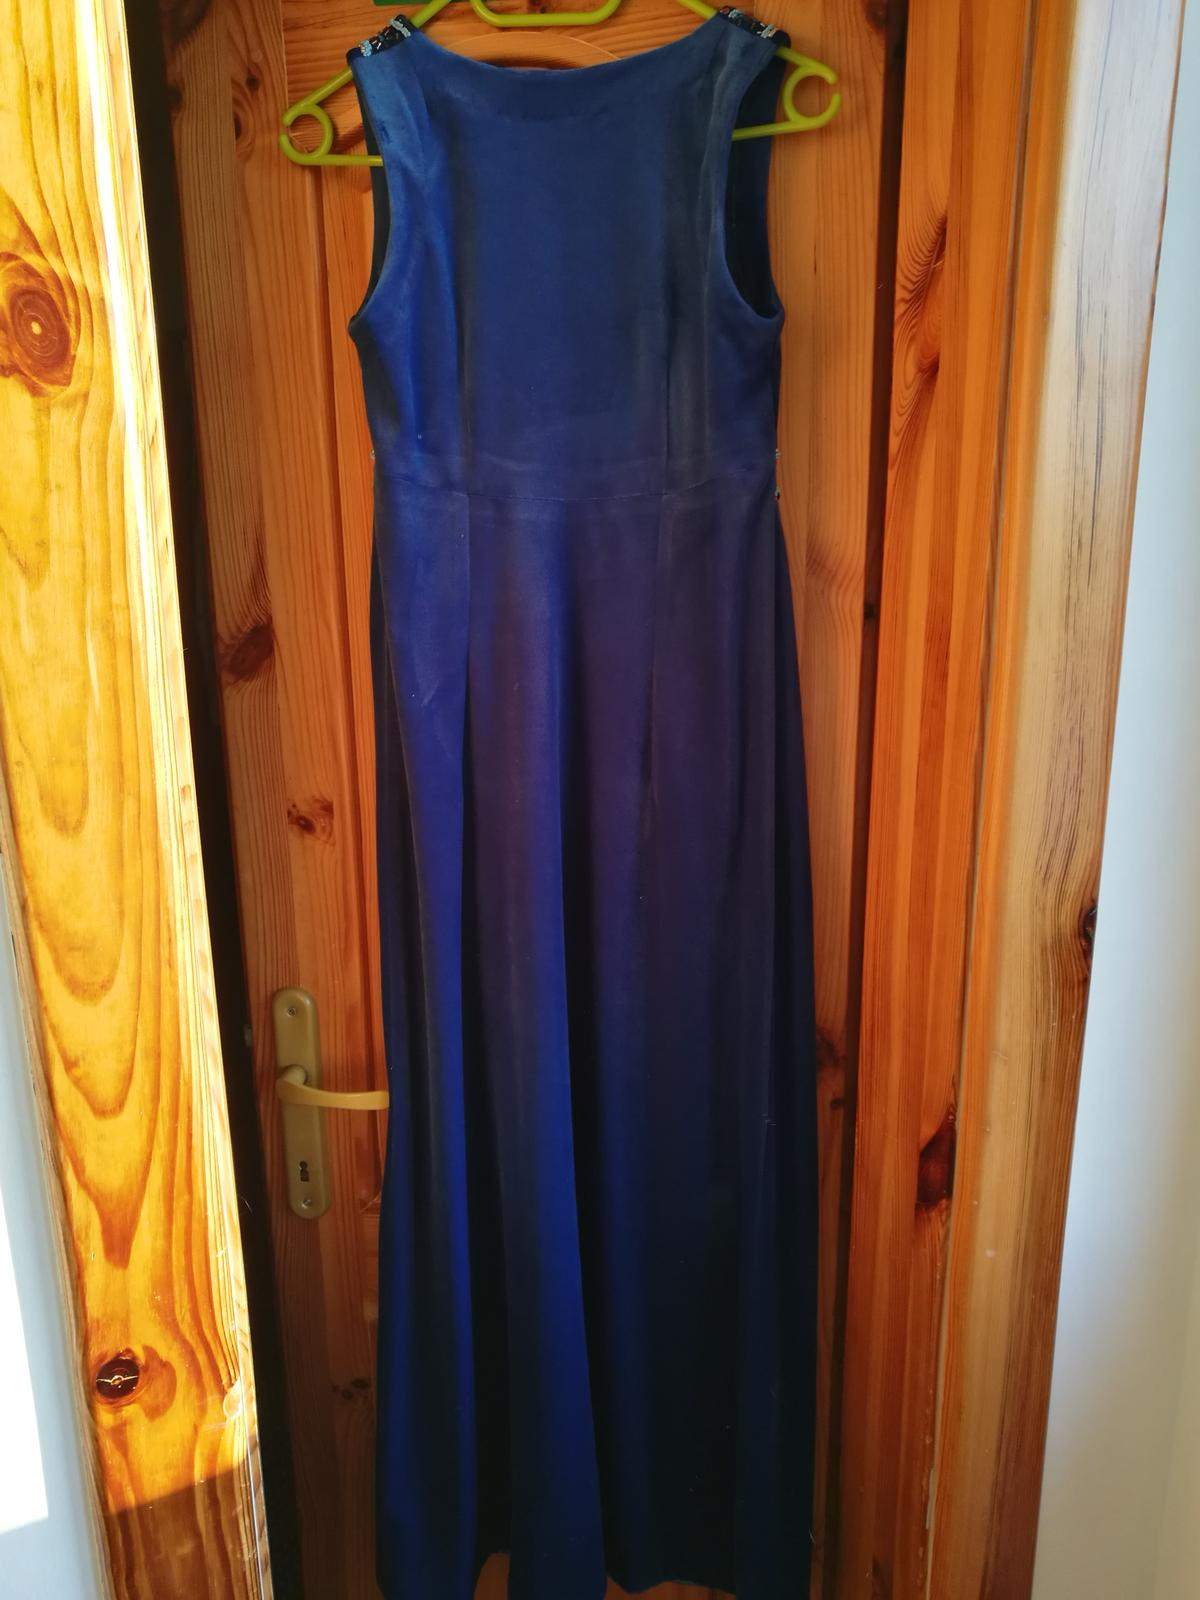 Originálne dlhé spoločenské šaty - Obrázok č. 2